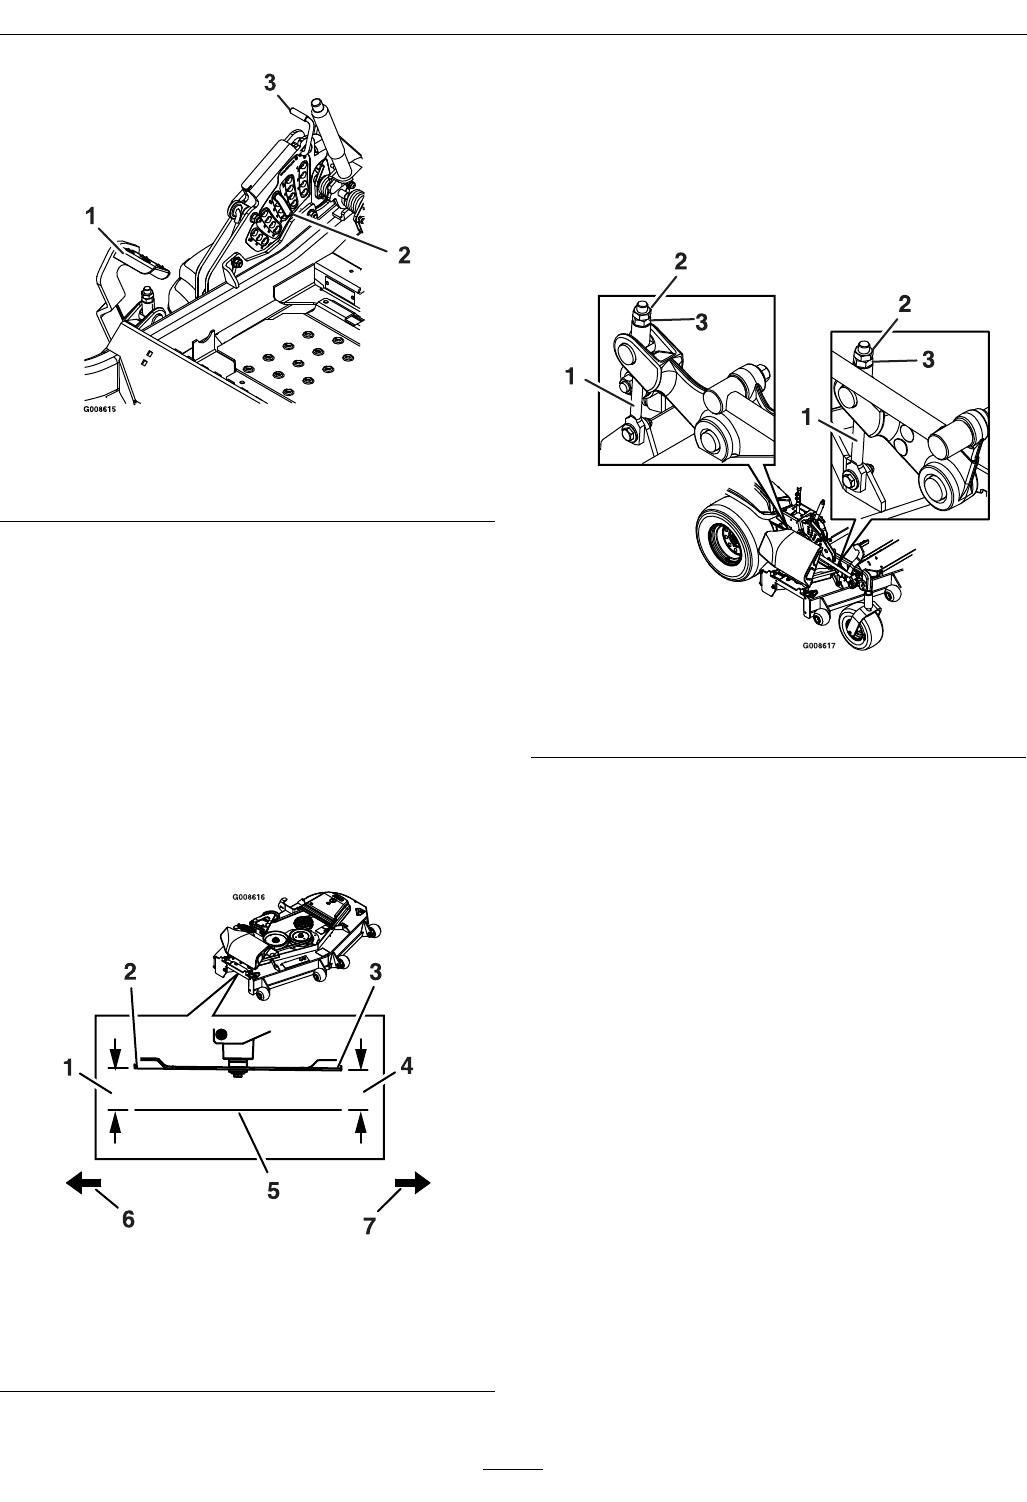 Exmark Lazer Z Mower 4500 507 Users Manual